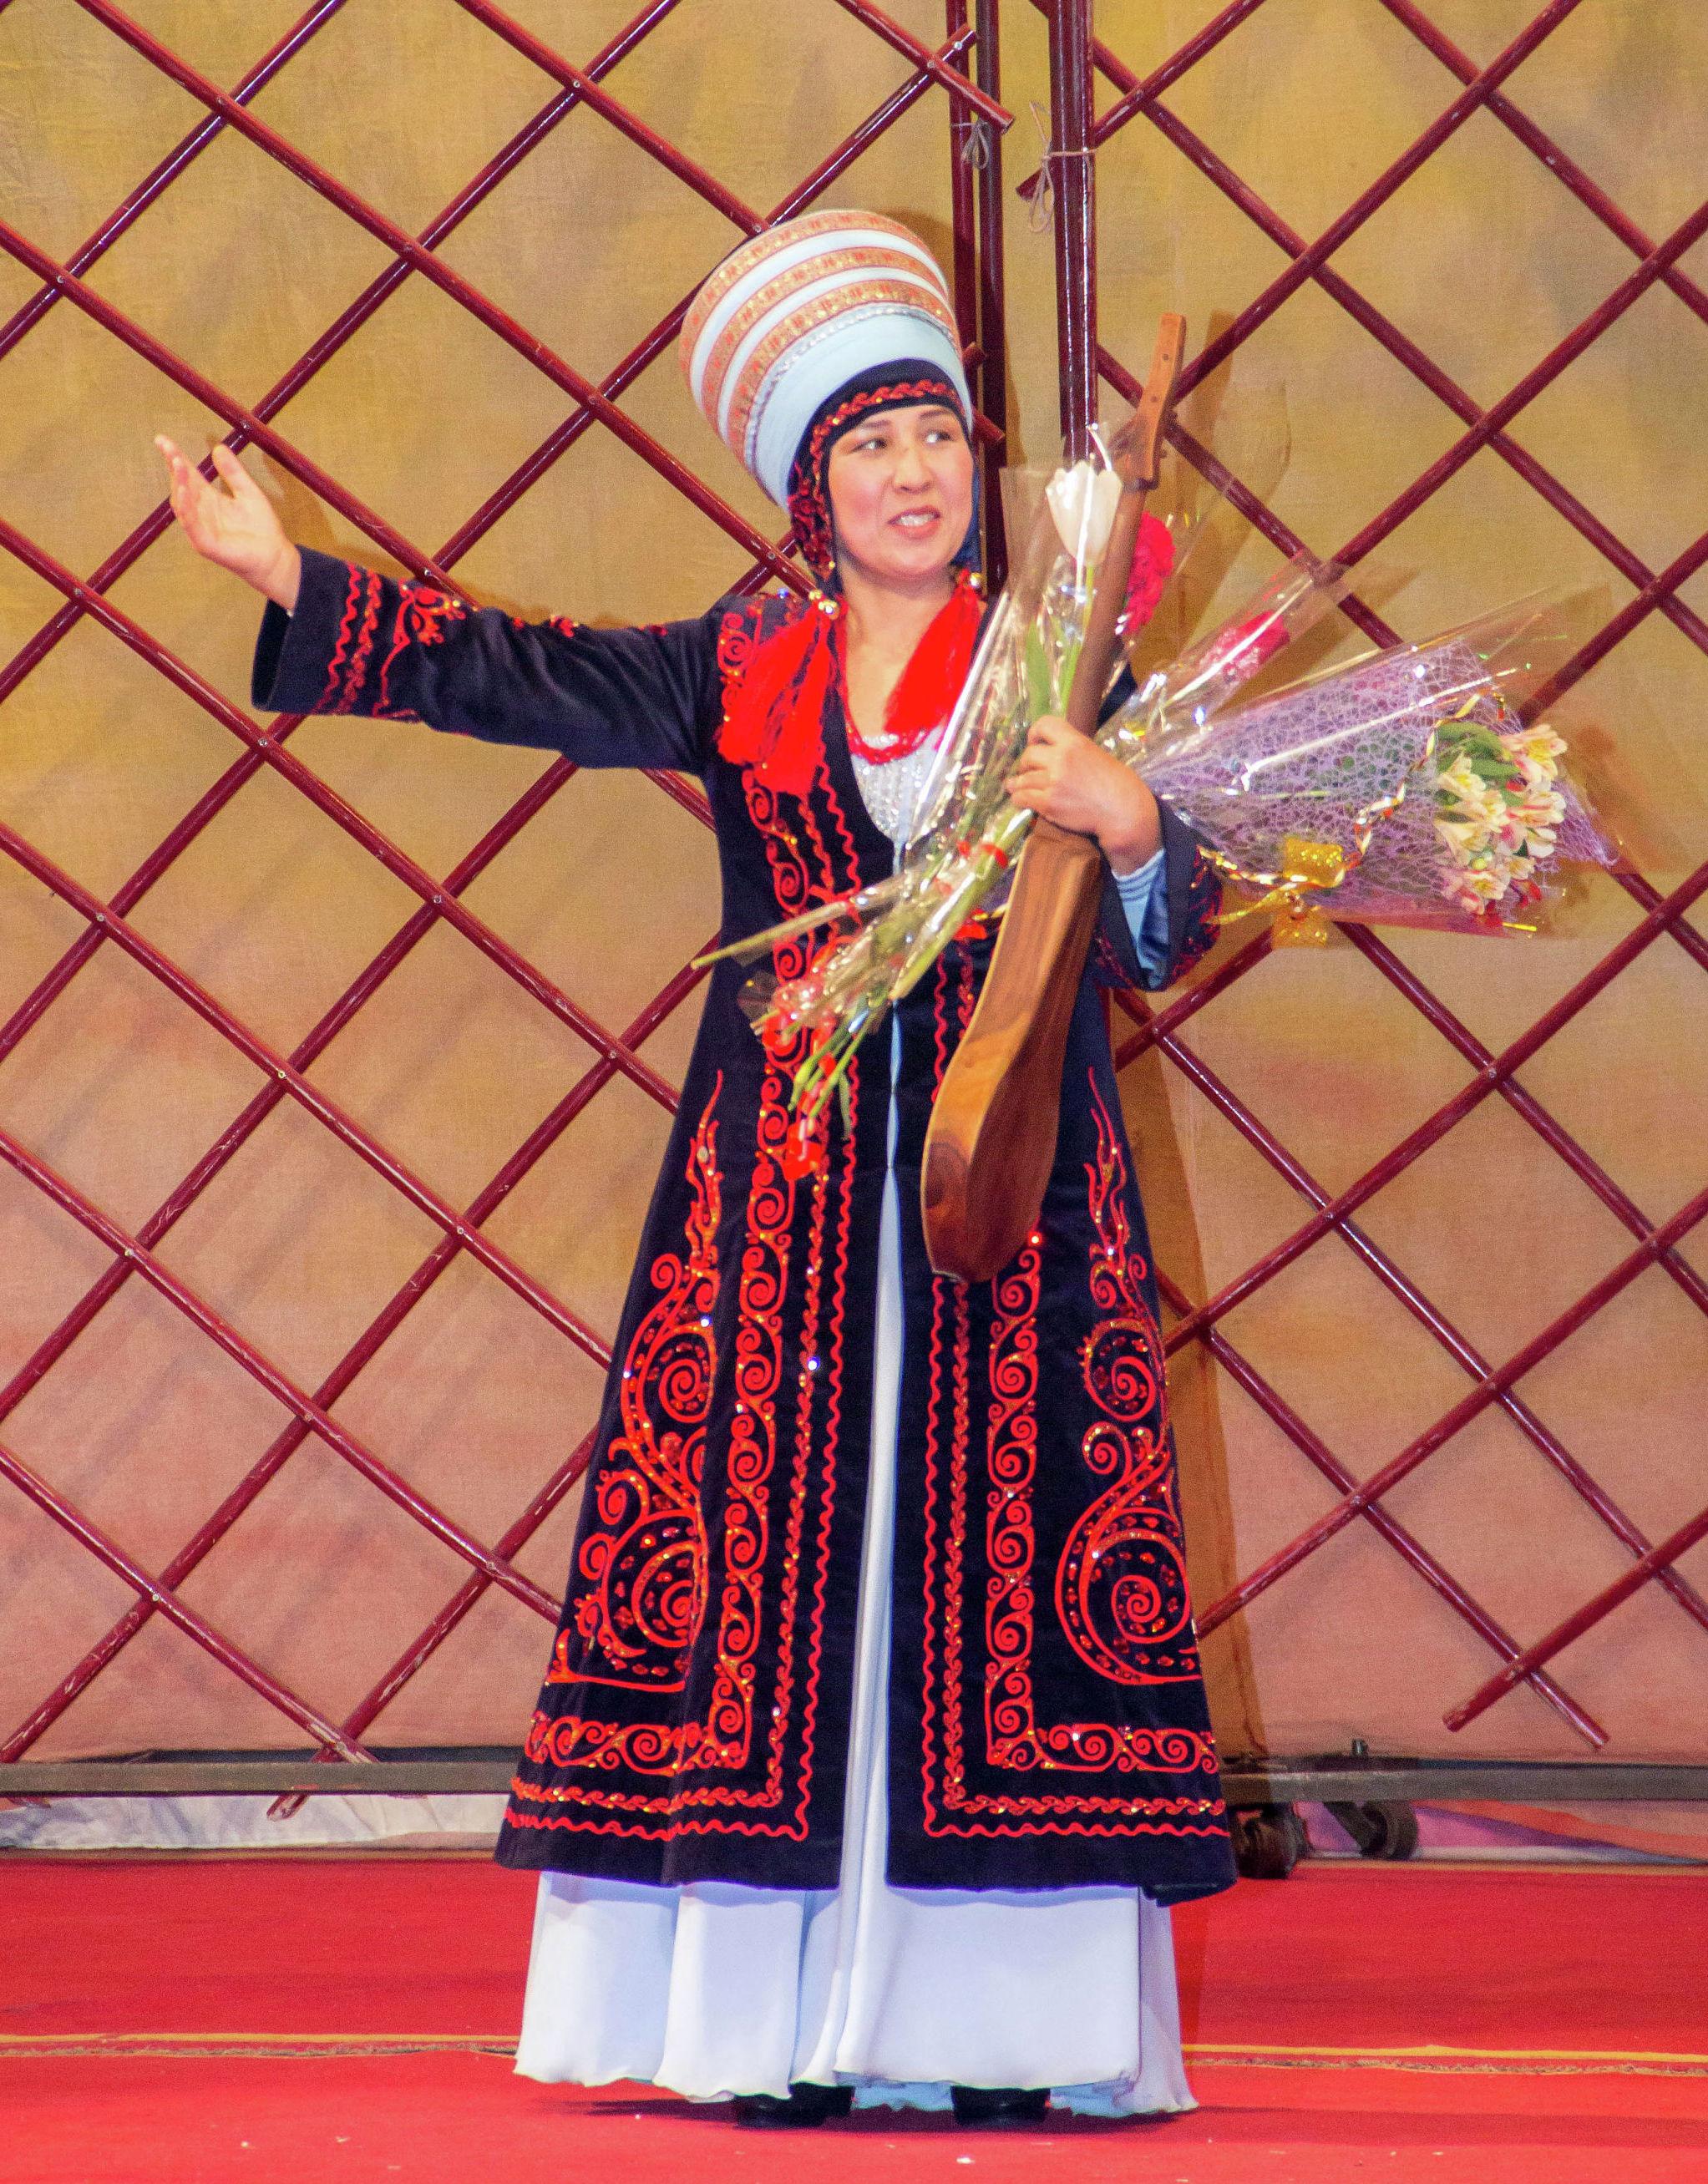 Руководитель ансамбля комузистов Кыргыз көчү Мастура Бердибекова на концерте